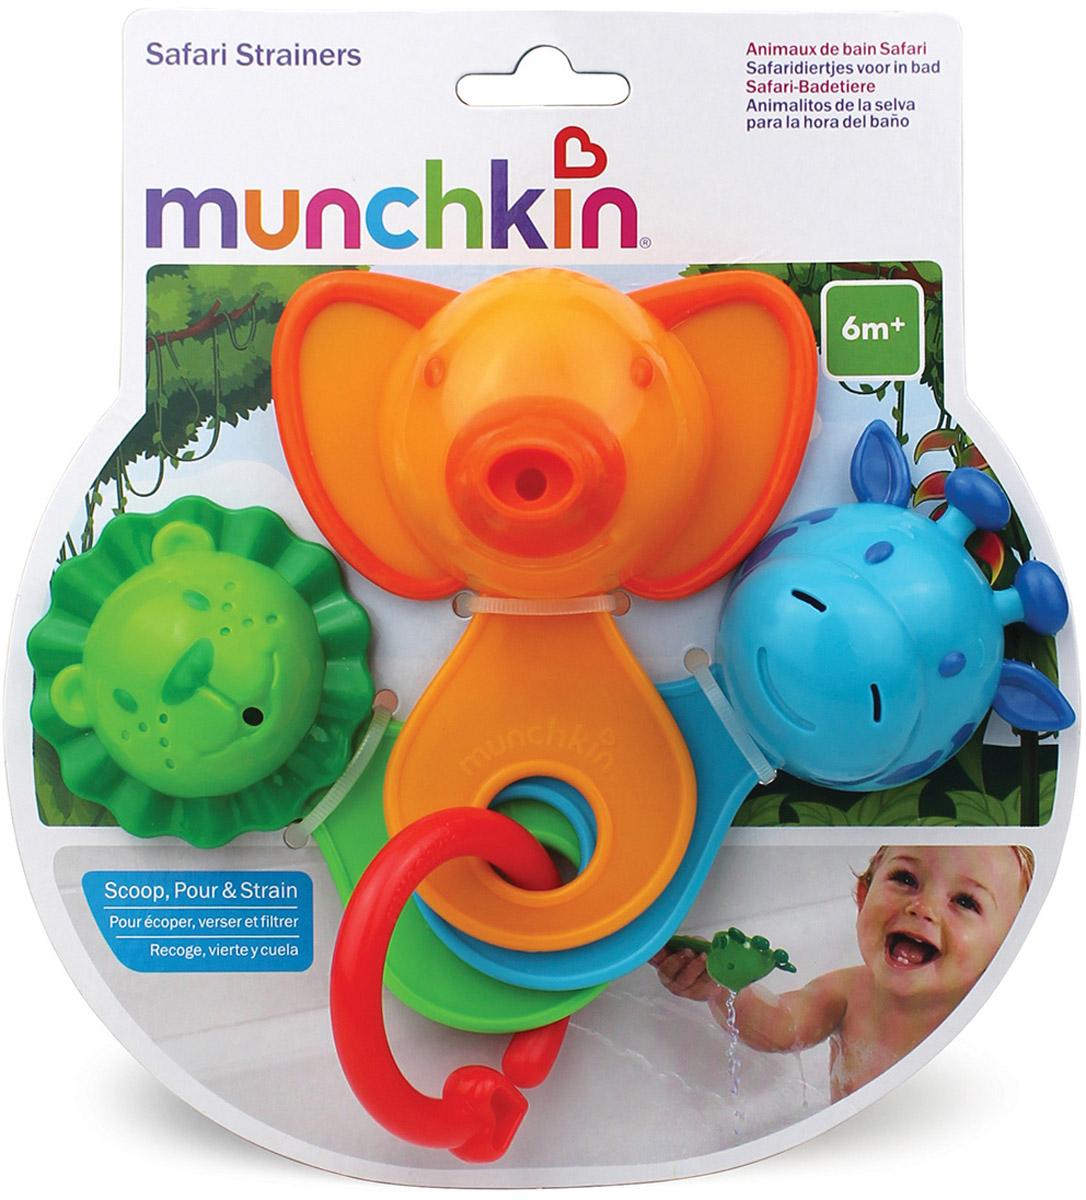 Munchkin Игрушка для ванной Веселые ситечки цвет оранжевый11964_оранжевыйИгрушка для ванны Munchkin Веселые ситечки непременно понравится вашему ребенку и превратит купание в веселую игру! Игрушка состоит их трех разноцветных ковшиков-животных, соединенных на пластиковое кольцо. В каждой игрушке есть маленькие дырочки, через которые так интересно переливать воду. Игрушка развлекает малыша во время купания и в то же время знакомит его с окружающим миром - ребенок с удовольствием будет зачерпывать и просеивать воду, наблюдая, как только что полный ковшик снова становится пуст. Игрушки для ванны способствует развитию воображения, цветового и звукового восприятия, тактильных ощущений и мелкой моторики рук.